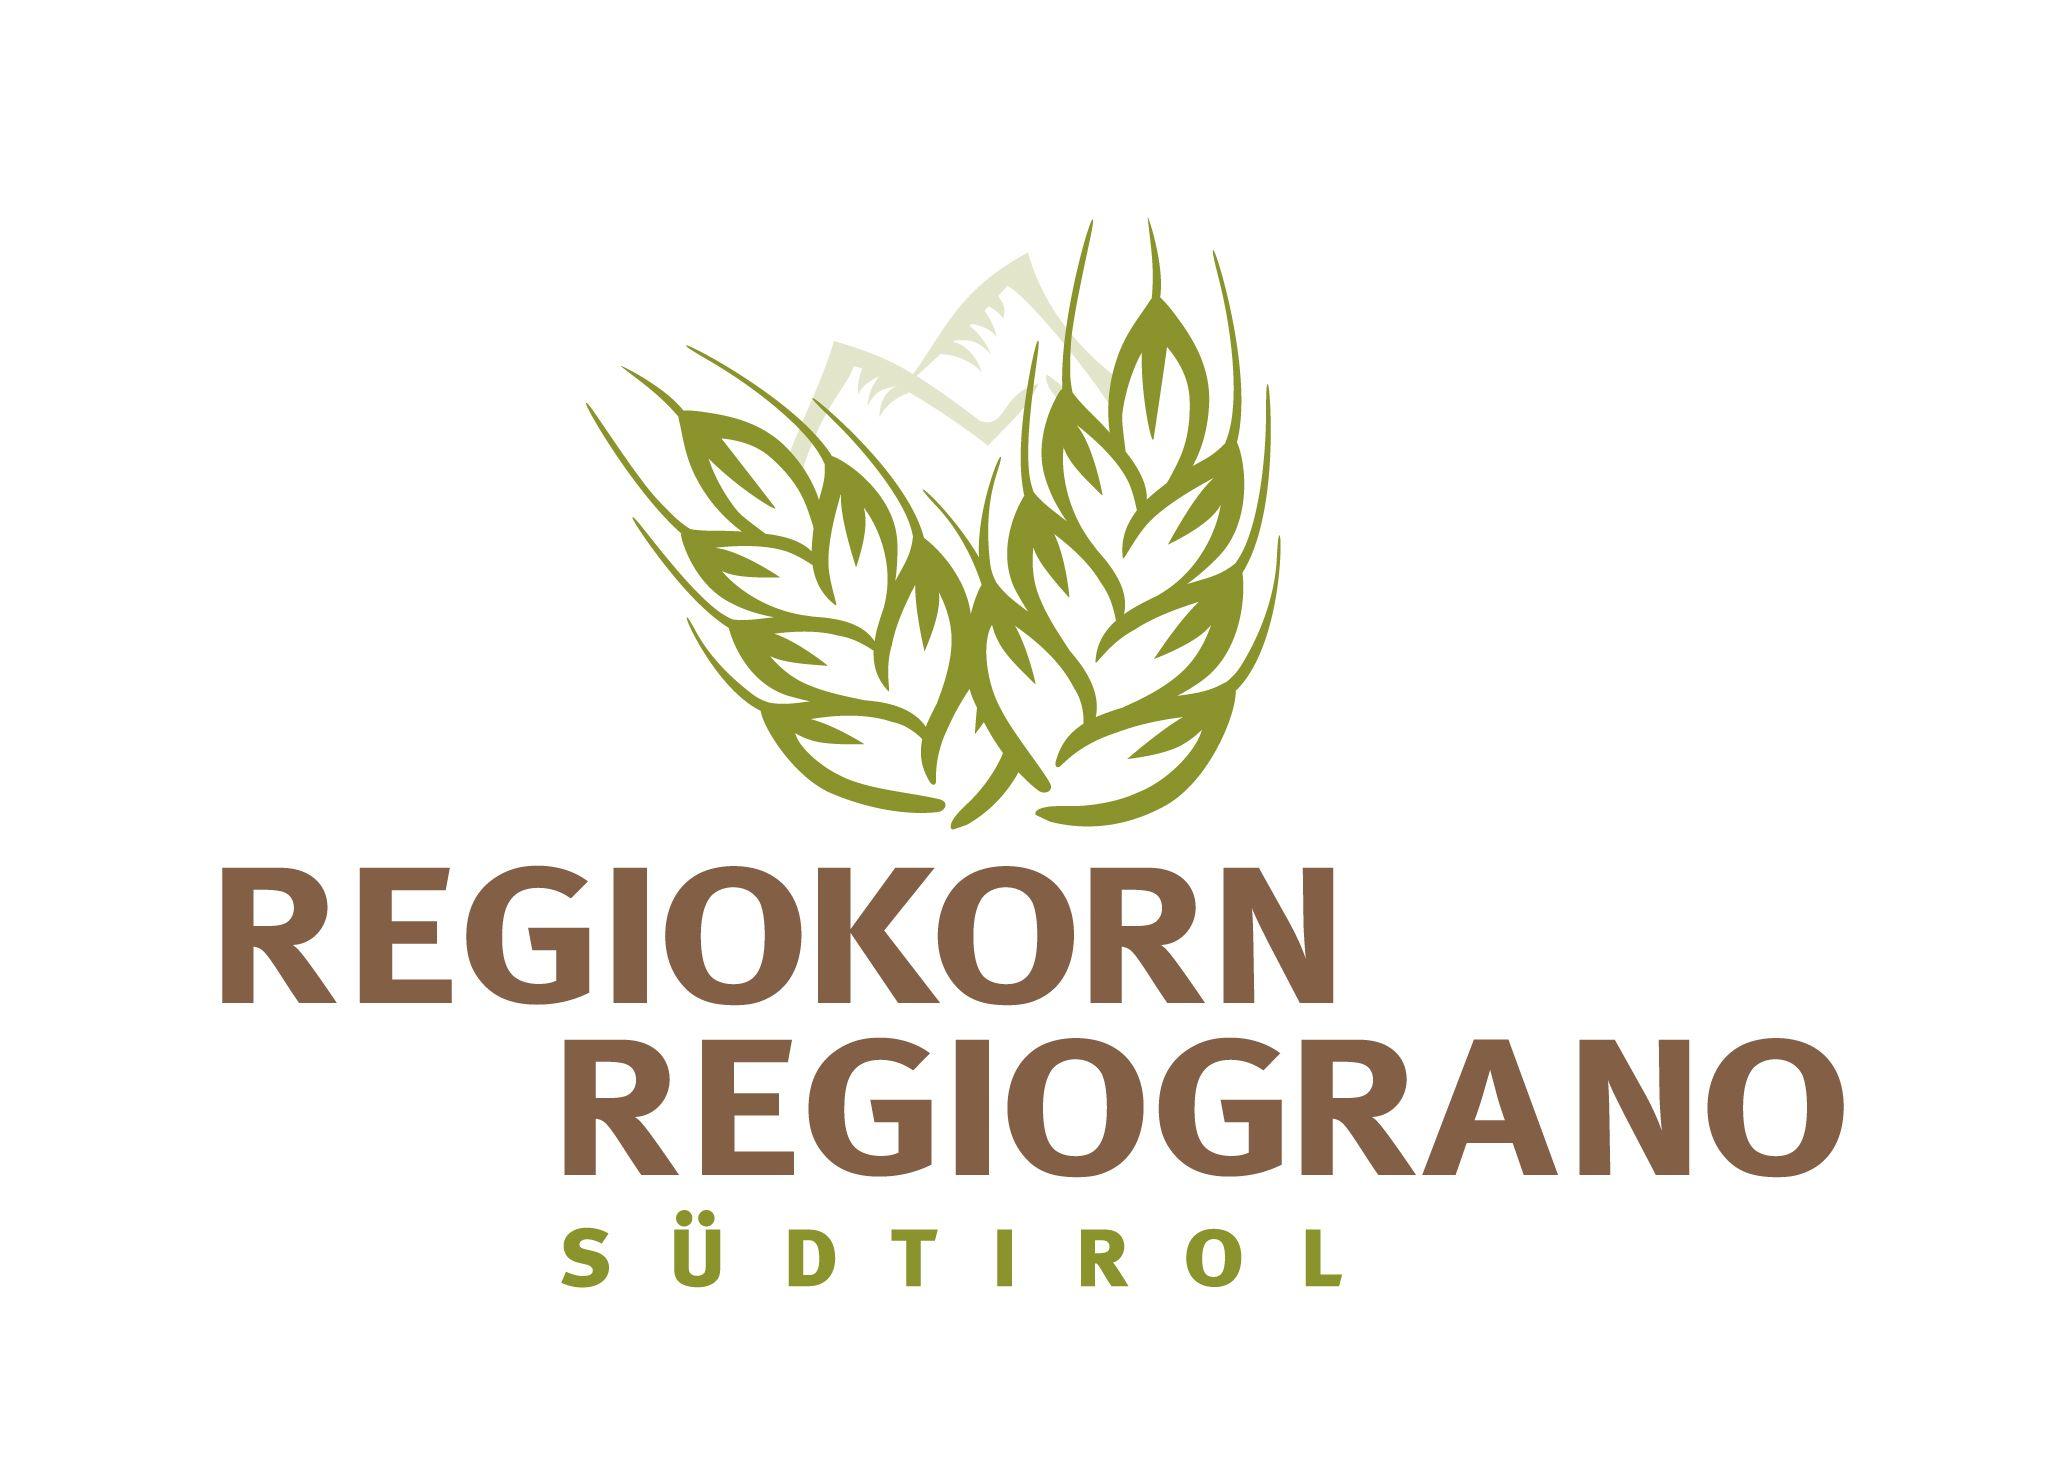 Logo_Regiokorn_RGB.jpg